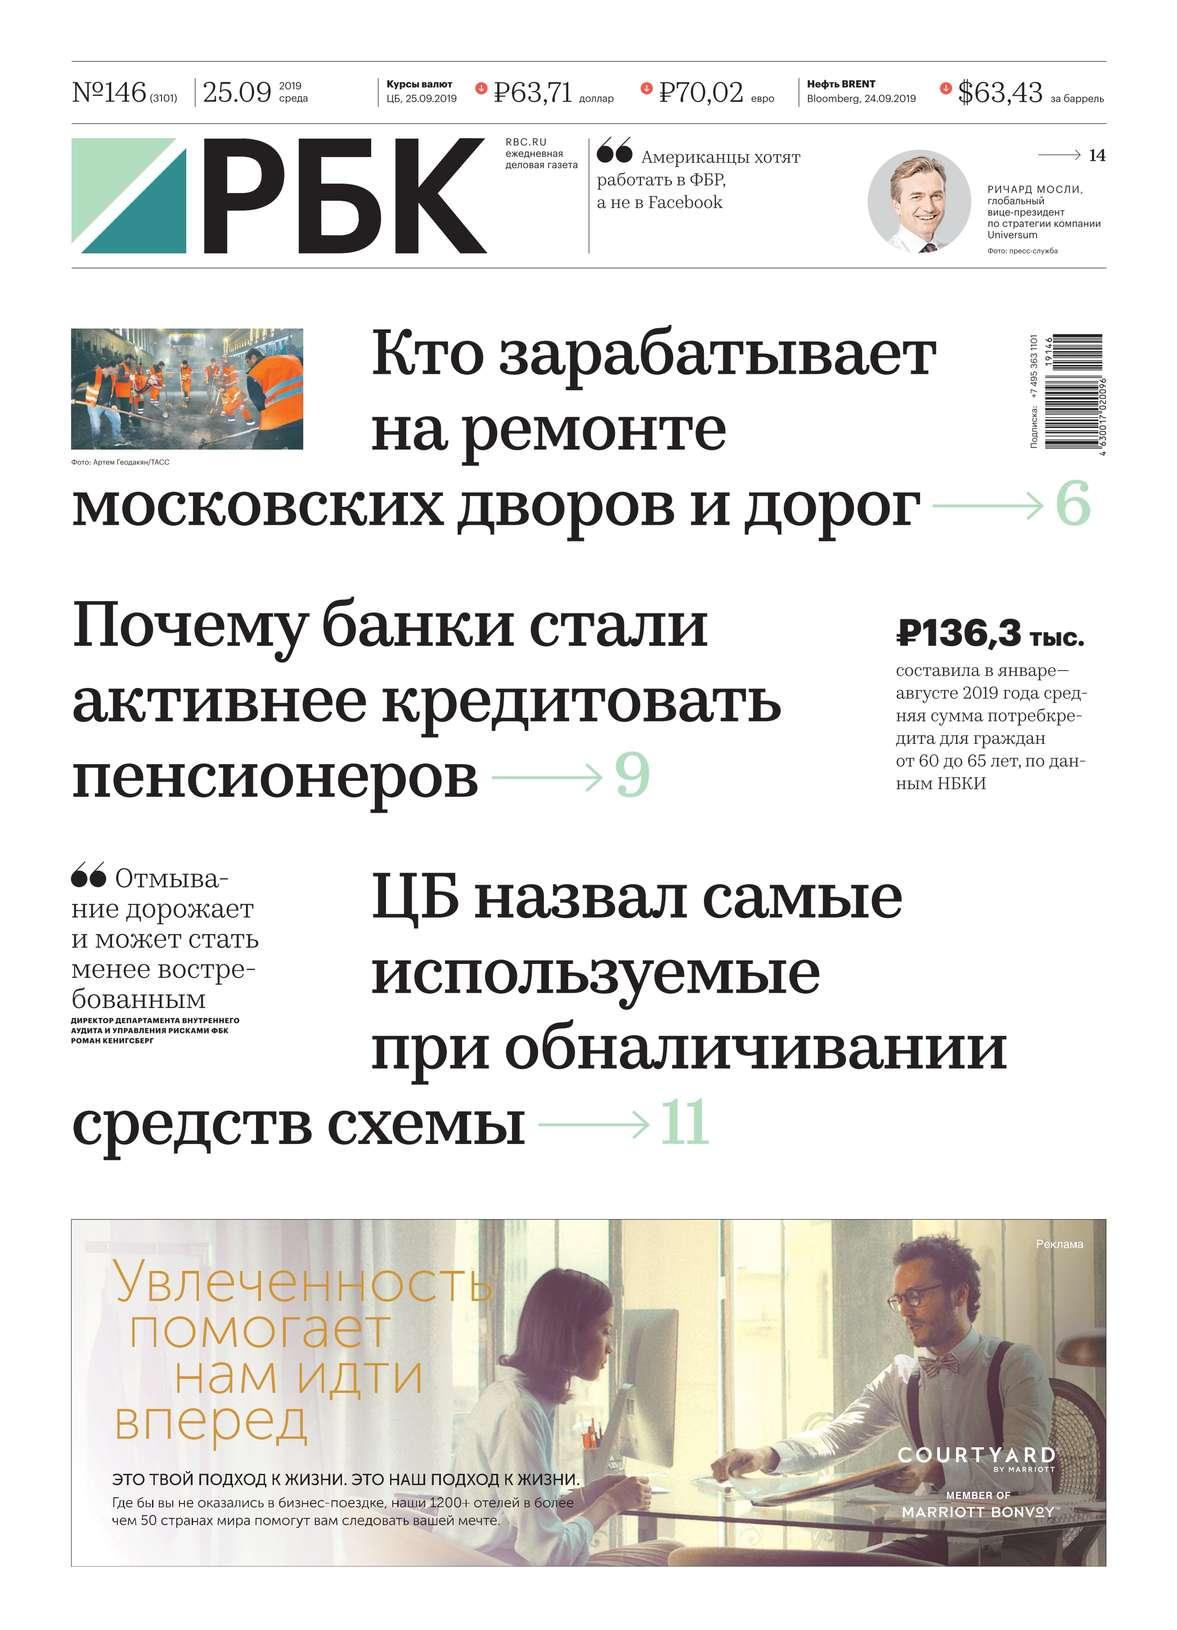 Ежедневная Деловая Газета Рбк 146-2019